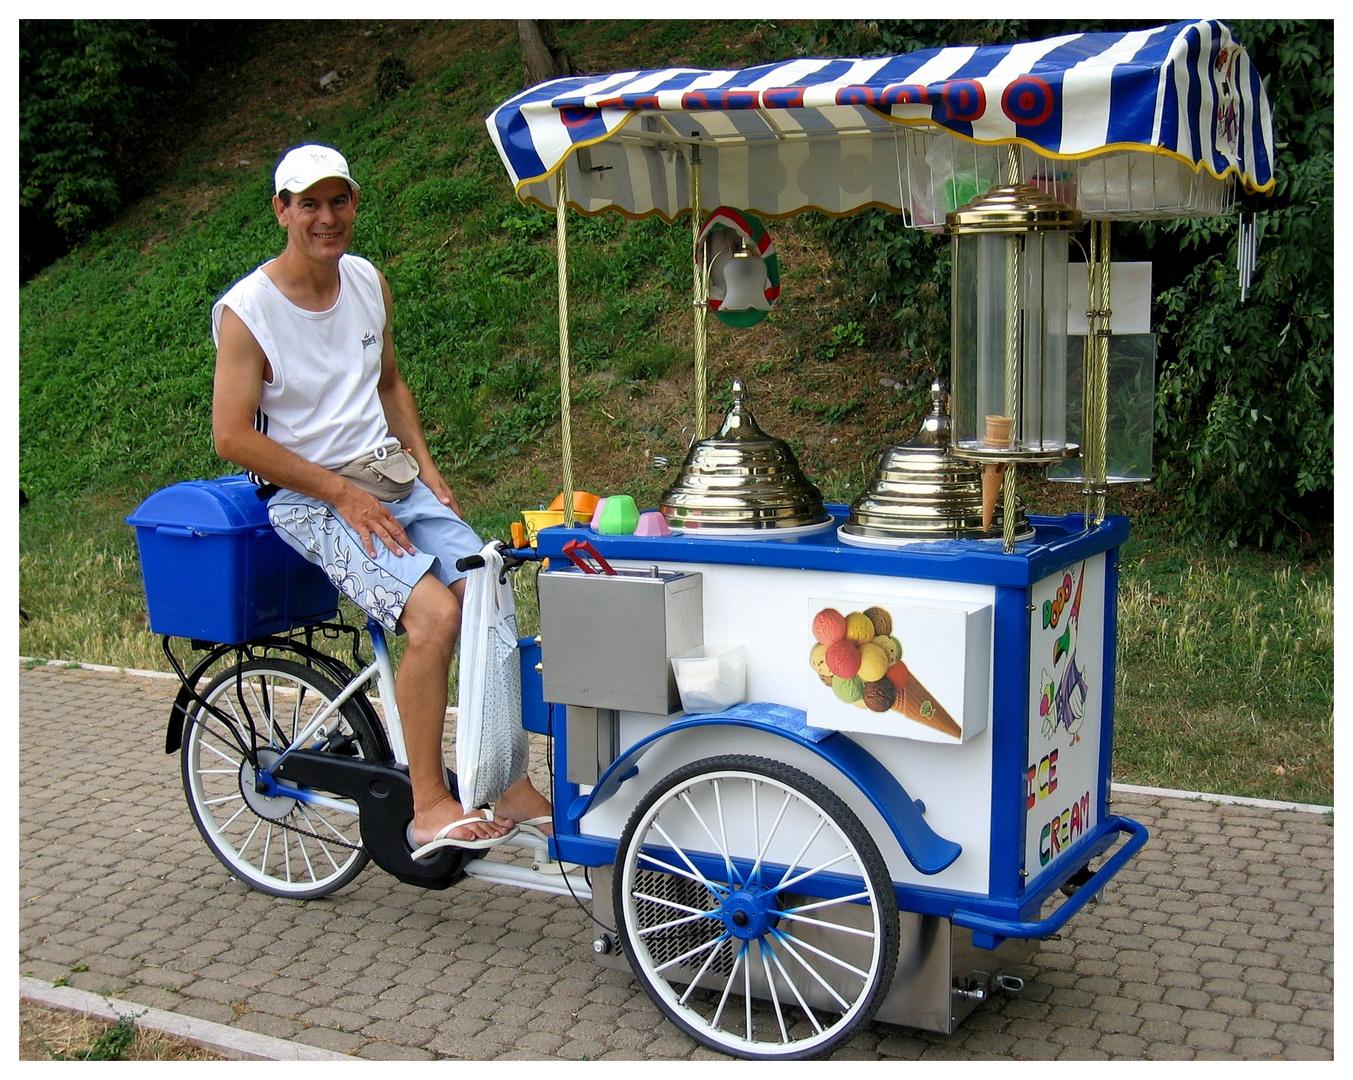 Eis, leckeres Eis - Sommerurlaub 2010